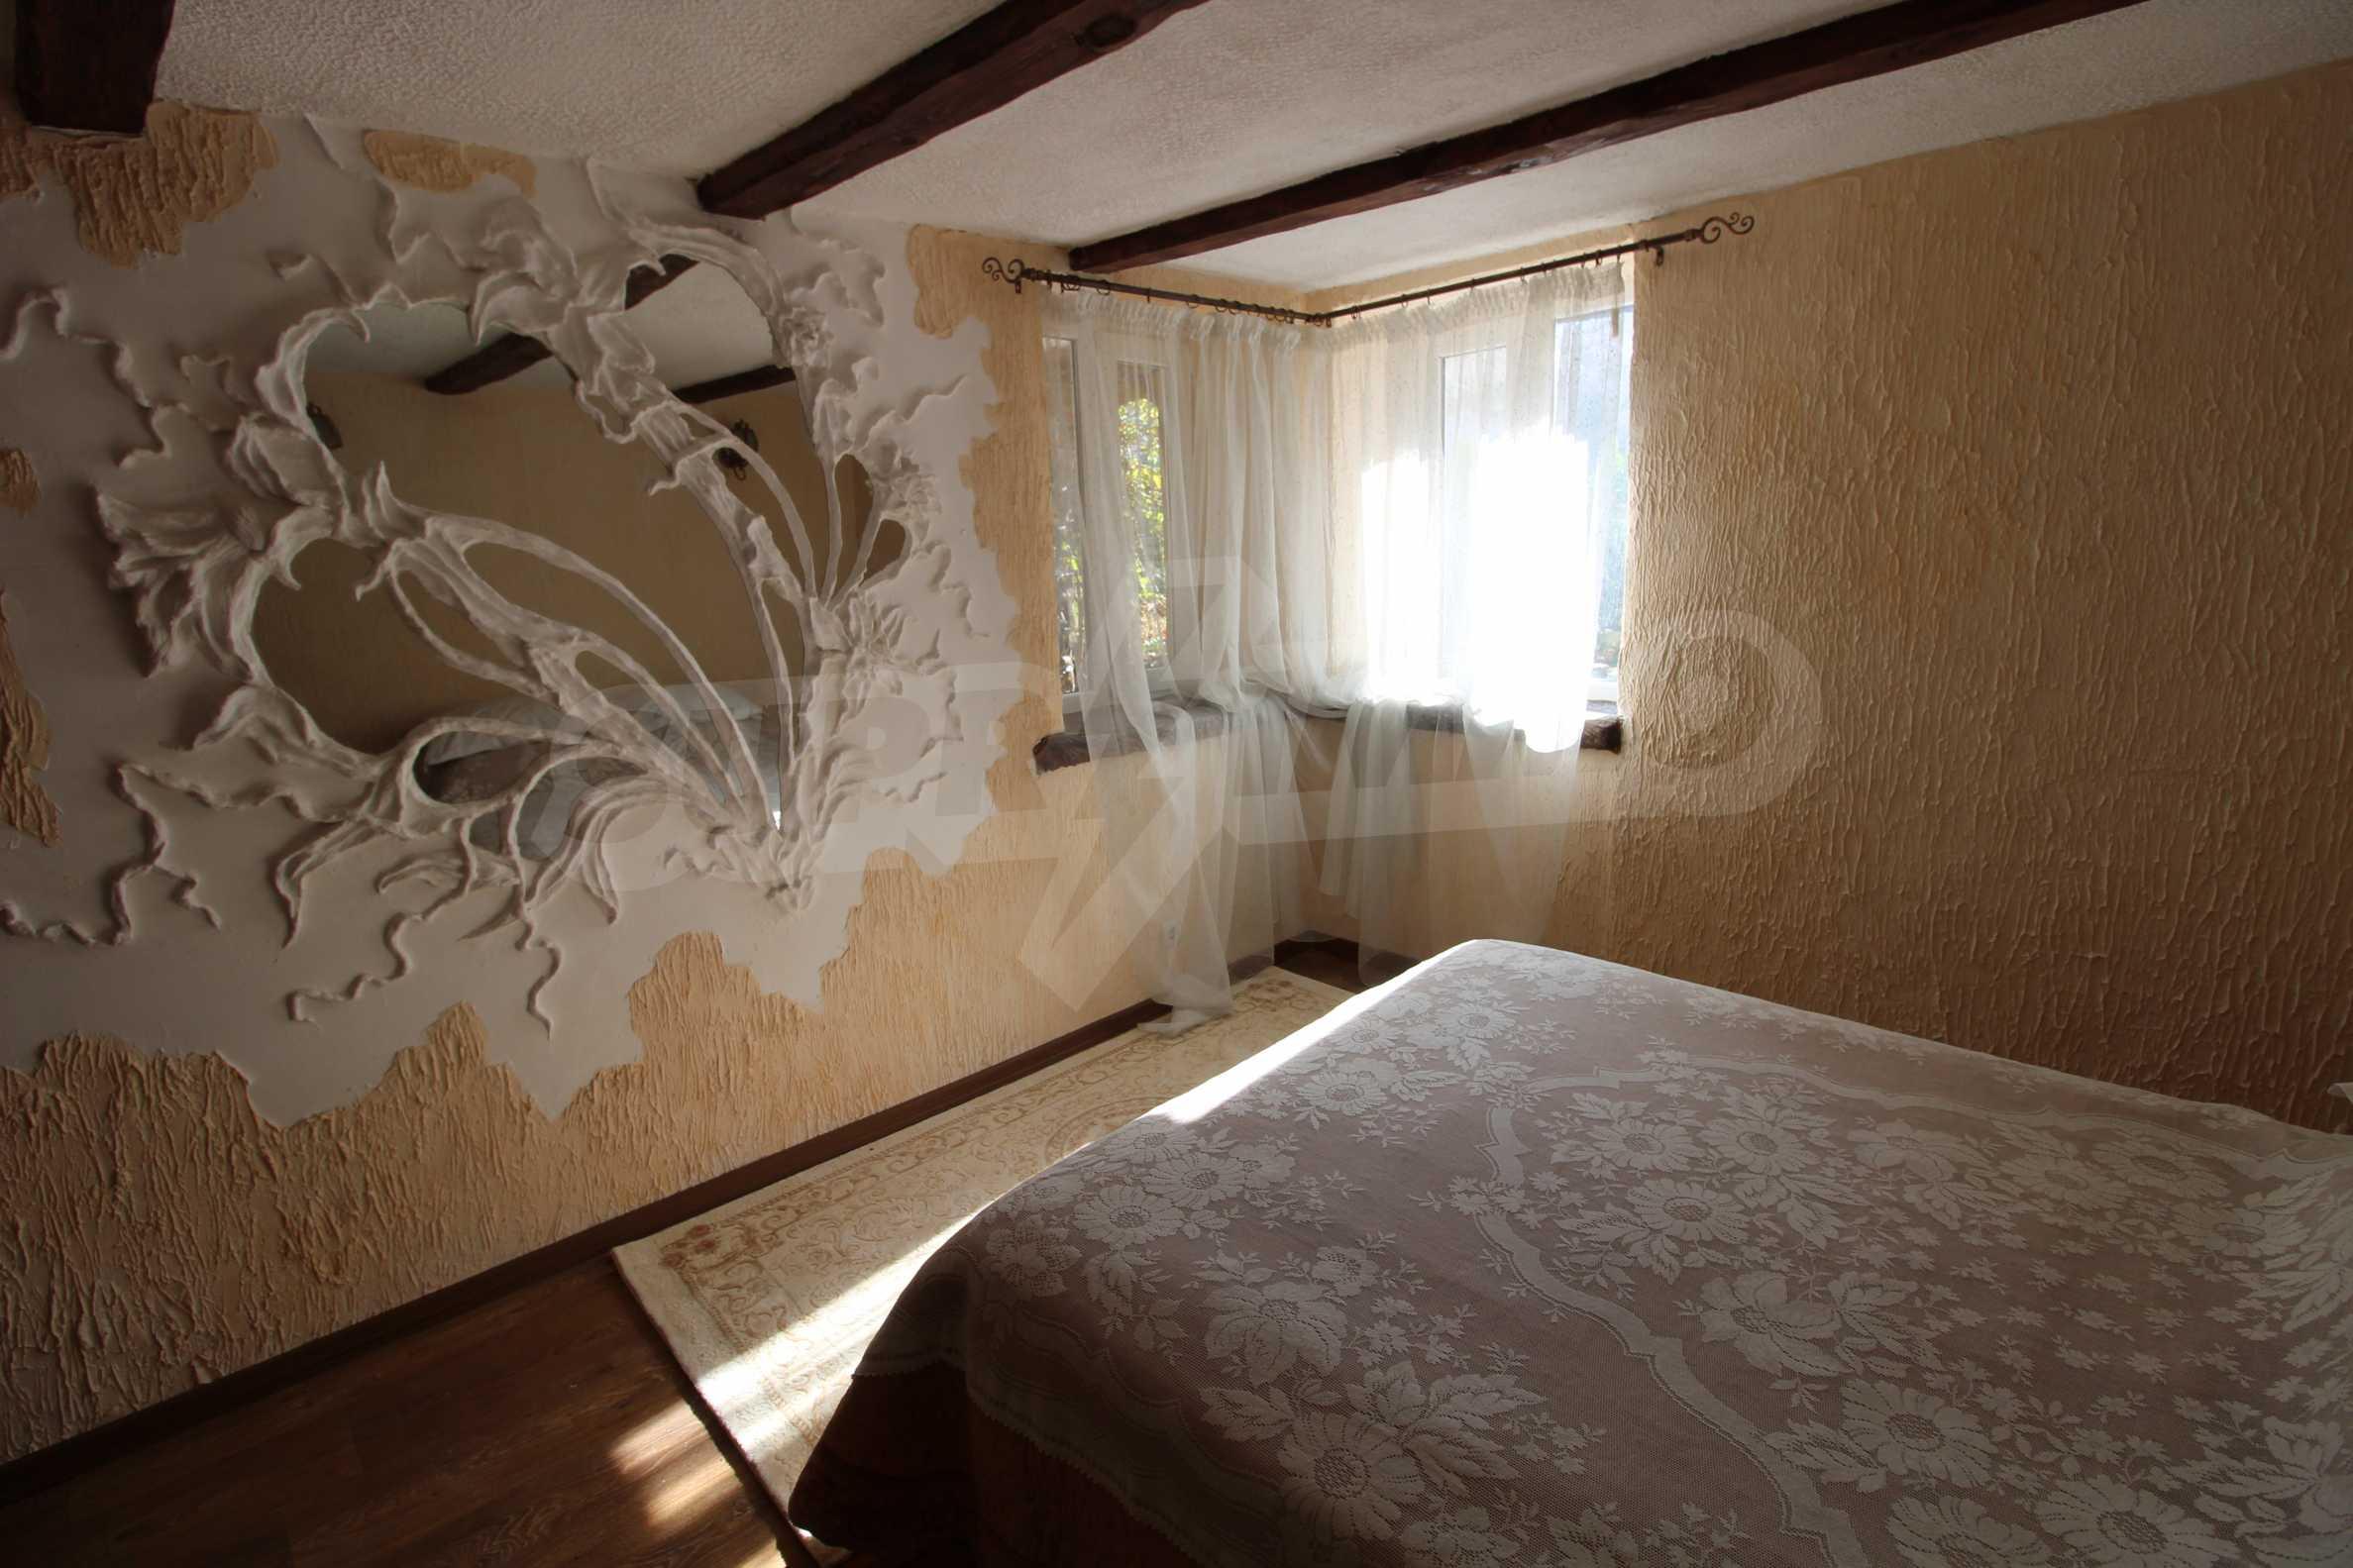 Реновирана двуетажна къща само на 24 км от Велико Търново  24